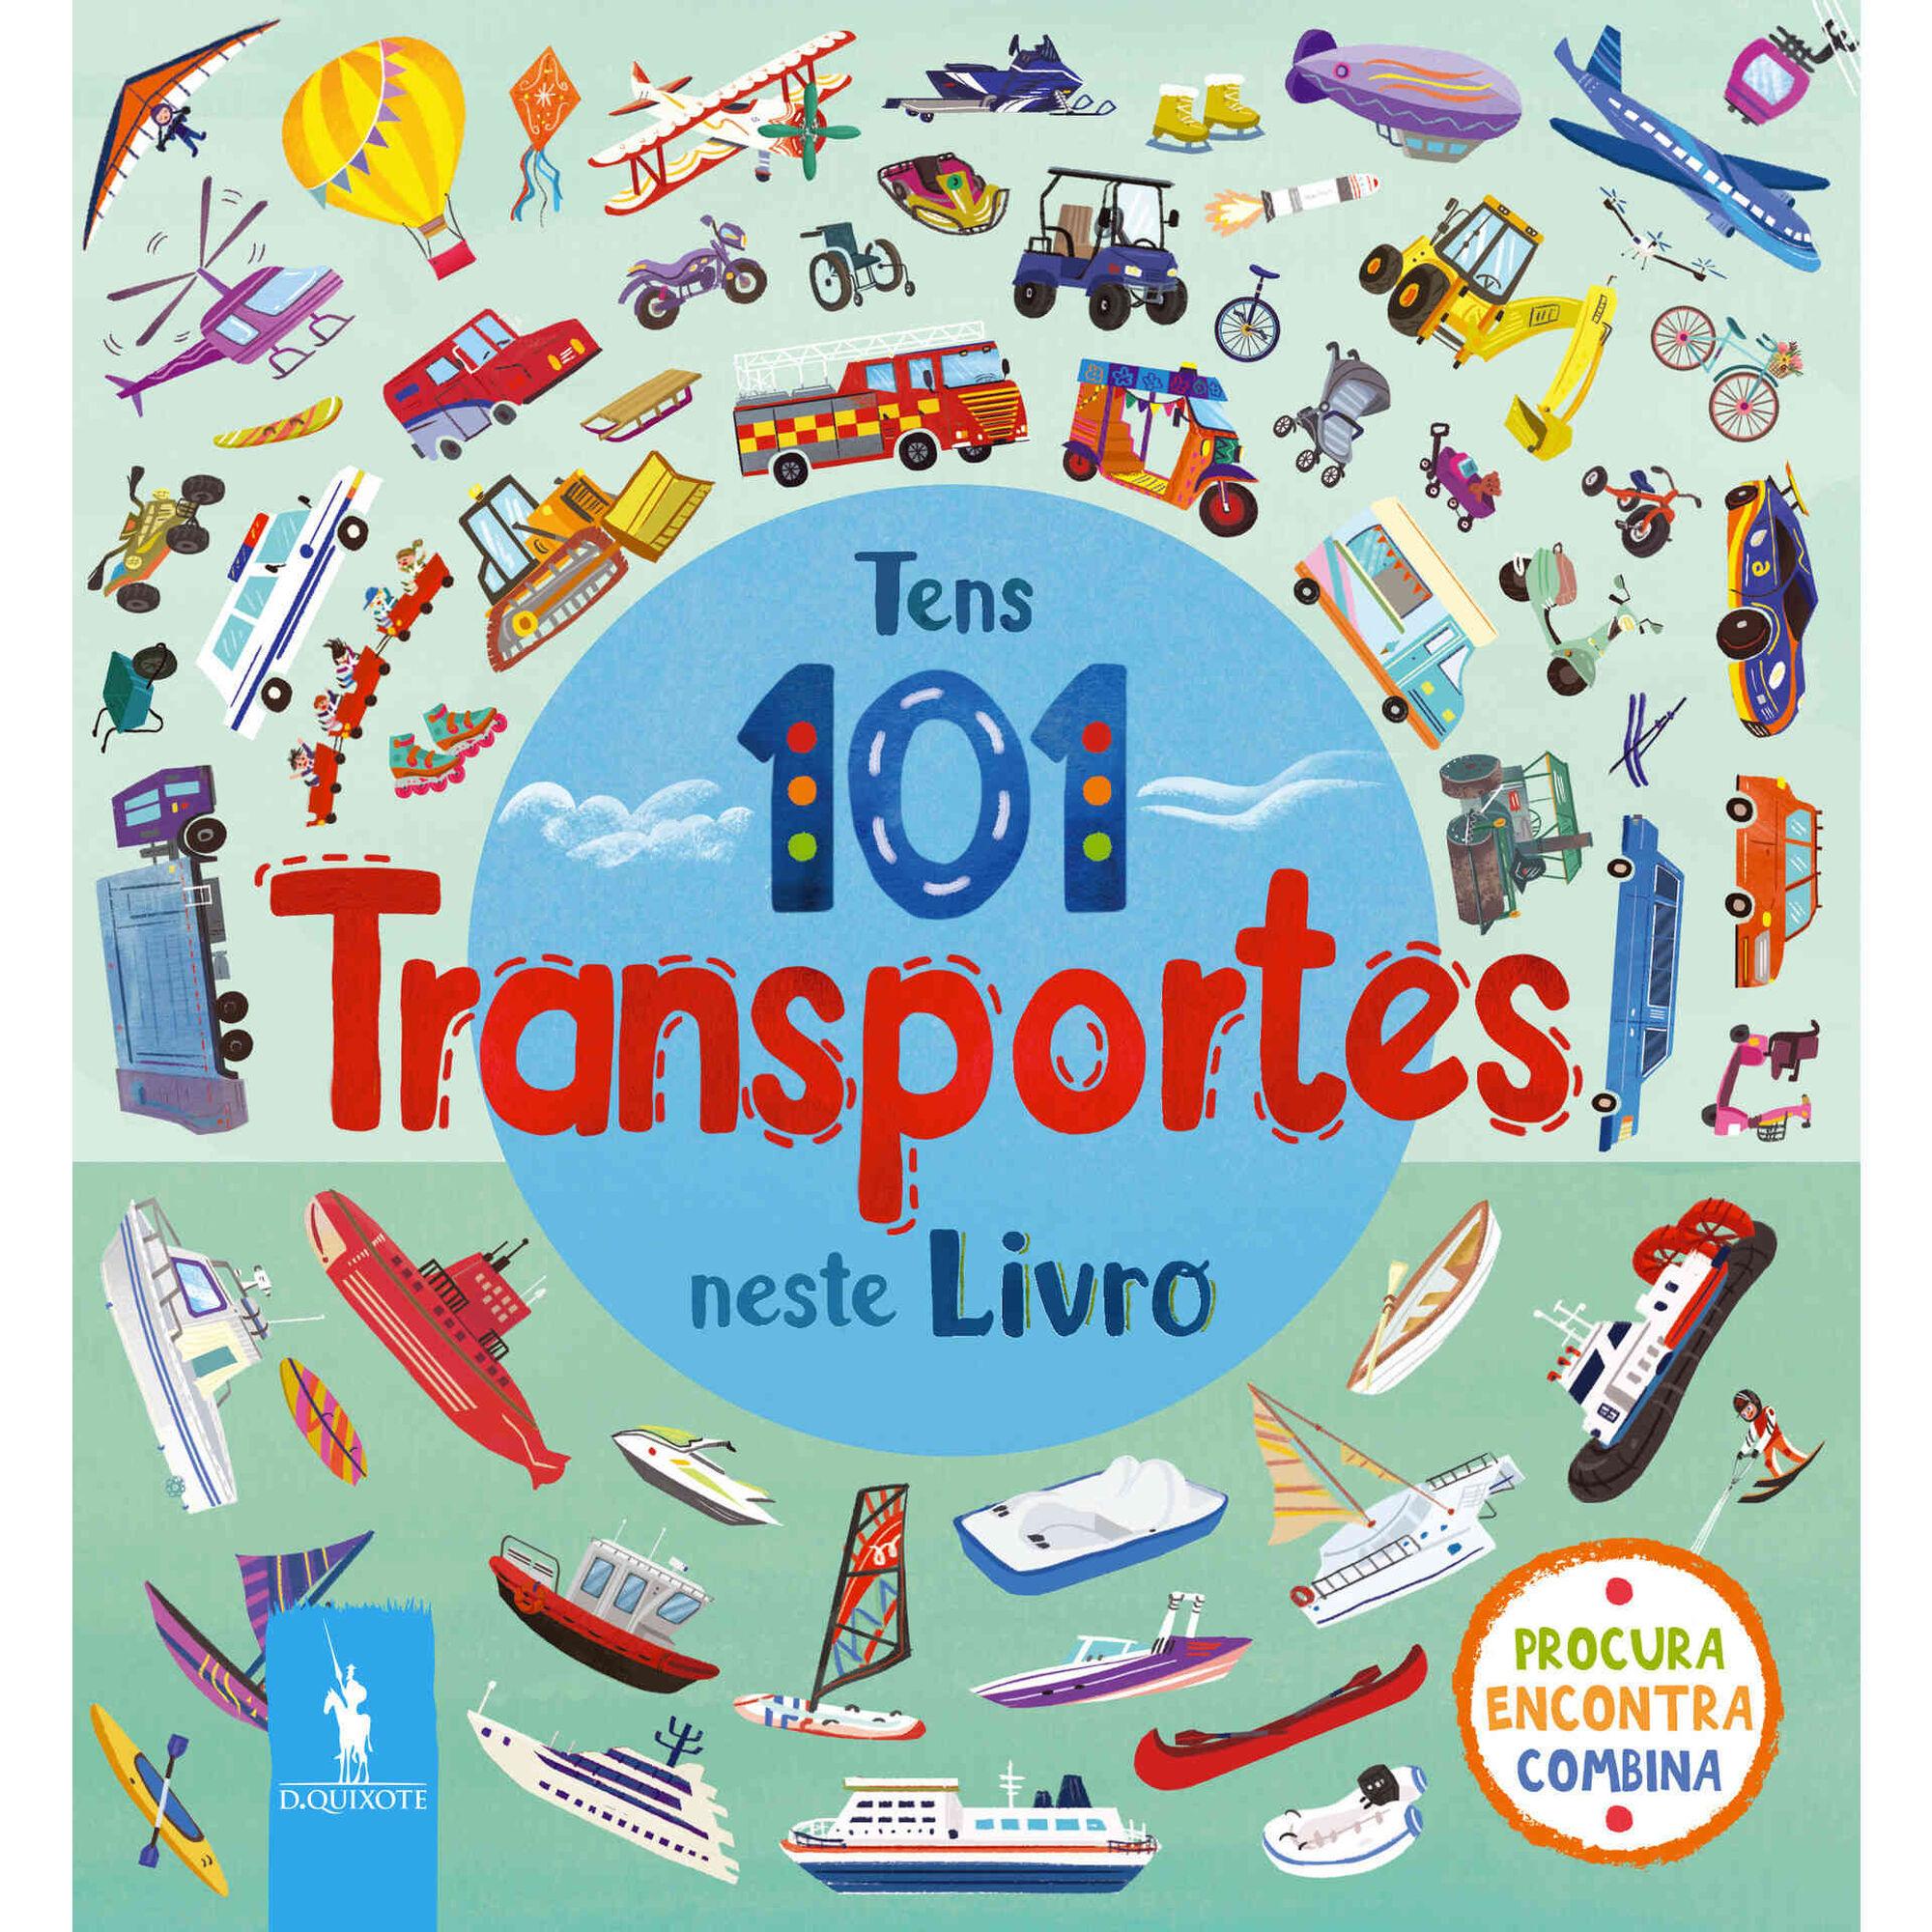 Tens 101 Transportes Neste Livro